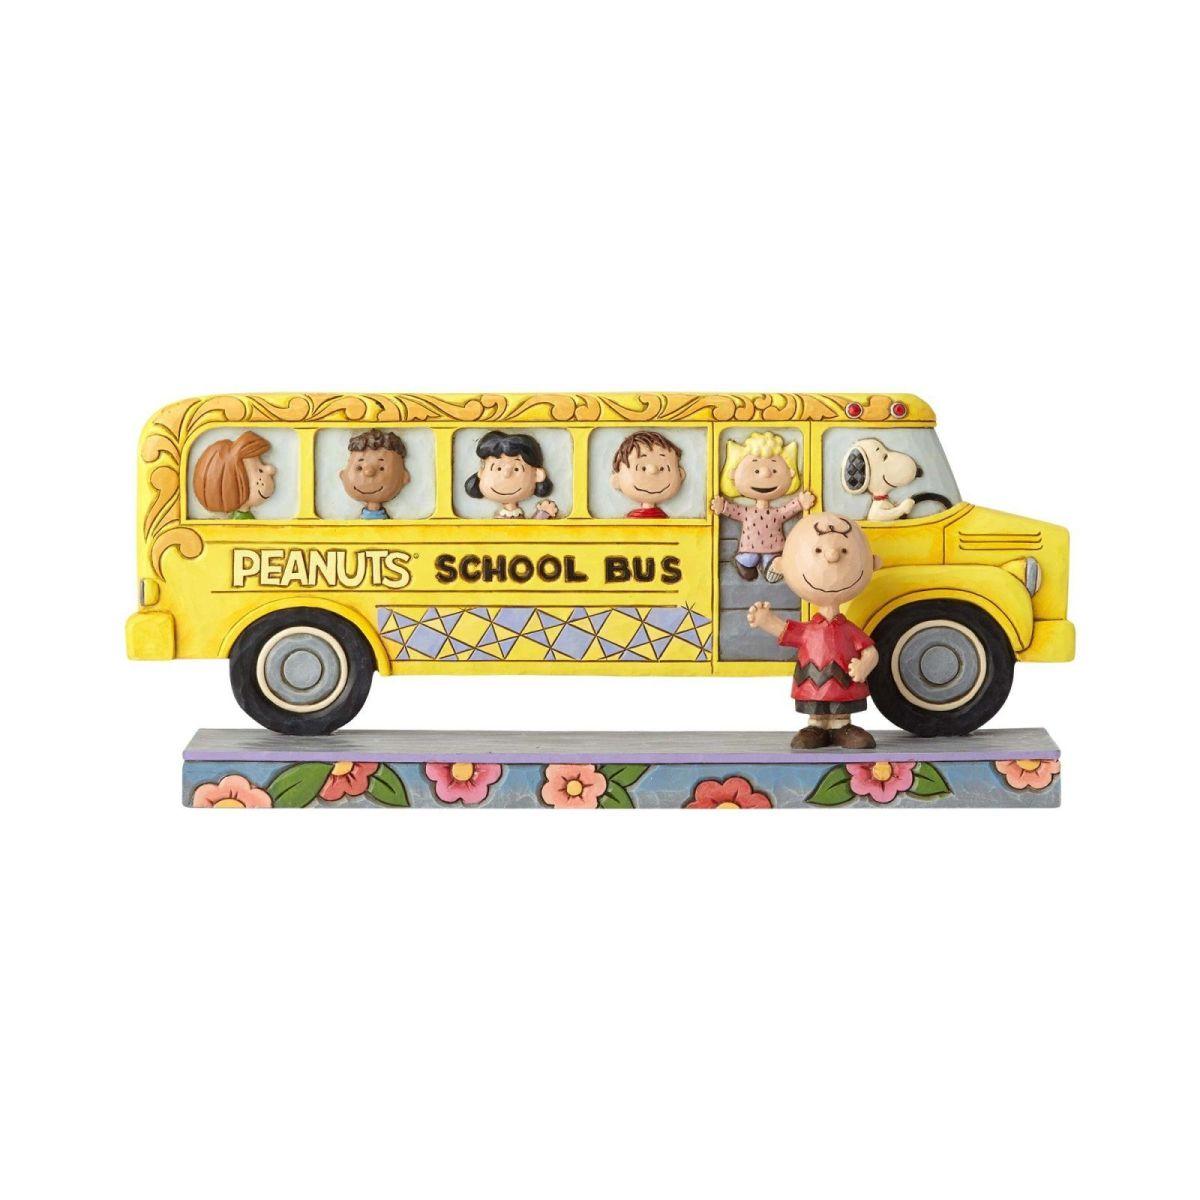 クリスマス プレゼント ピーナッツ スクールバス 12cm | スヌーピー フィギュア 大人向け 人形 置物 ジムショア グッズ Peanuts School Bus ジム・ショア ピーナッツ JIM SHOREJIM SHORE PEANUTS 正規輸入品